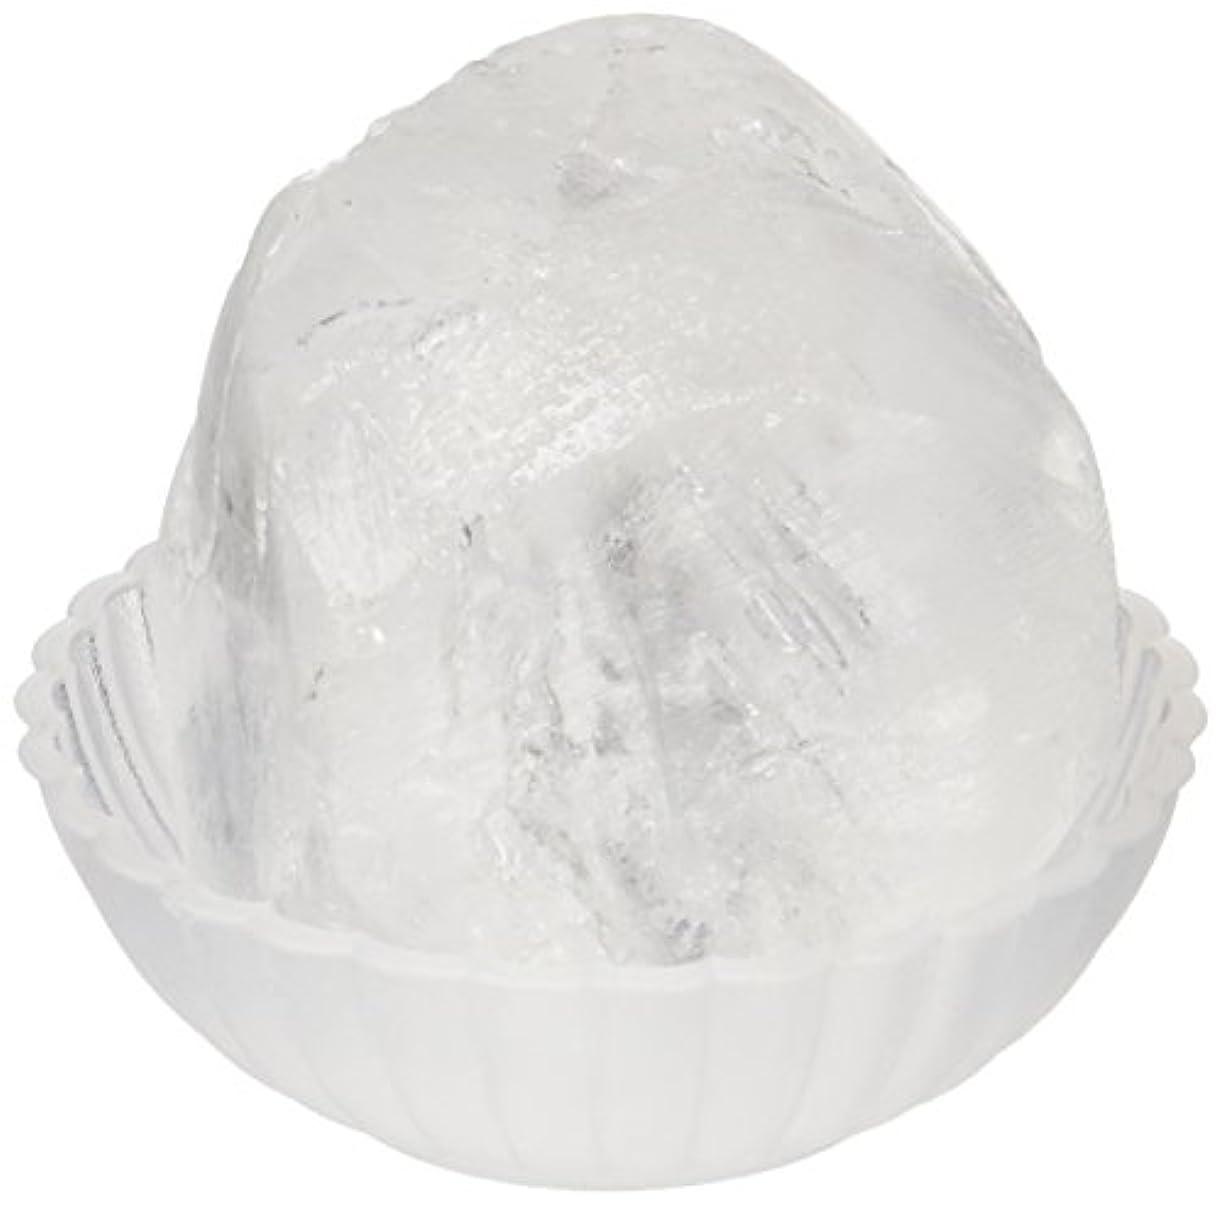 評価可能極貧試用クリスタルボディデオドラント ボール タイプ お得サイズ140g - アルム石(みょうばん)のデオドラント